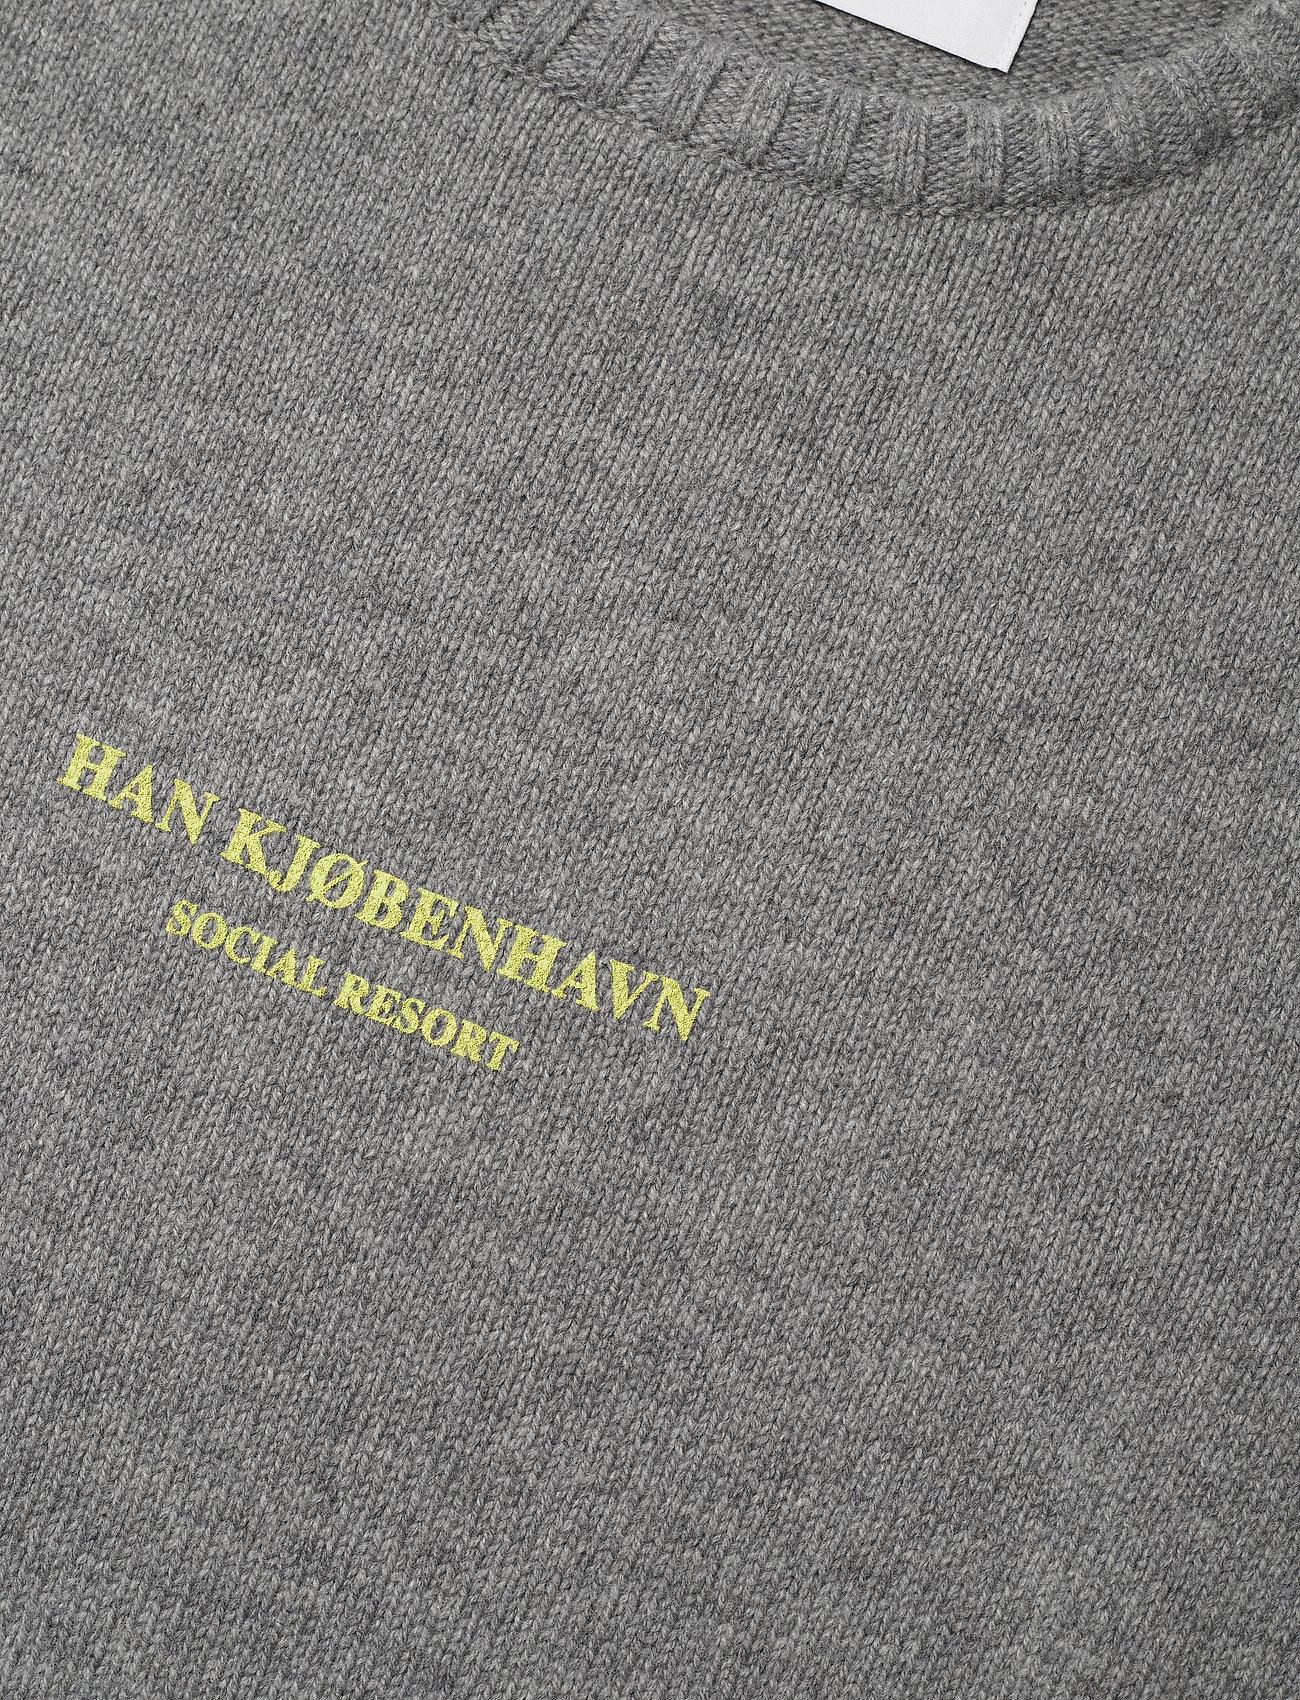 HAN Kjøbenhavn - Bulky Knit Grey - basic gebreide truien - grey melange - 2